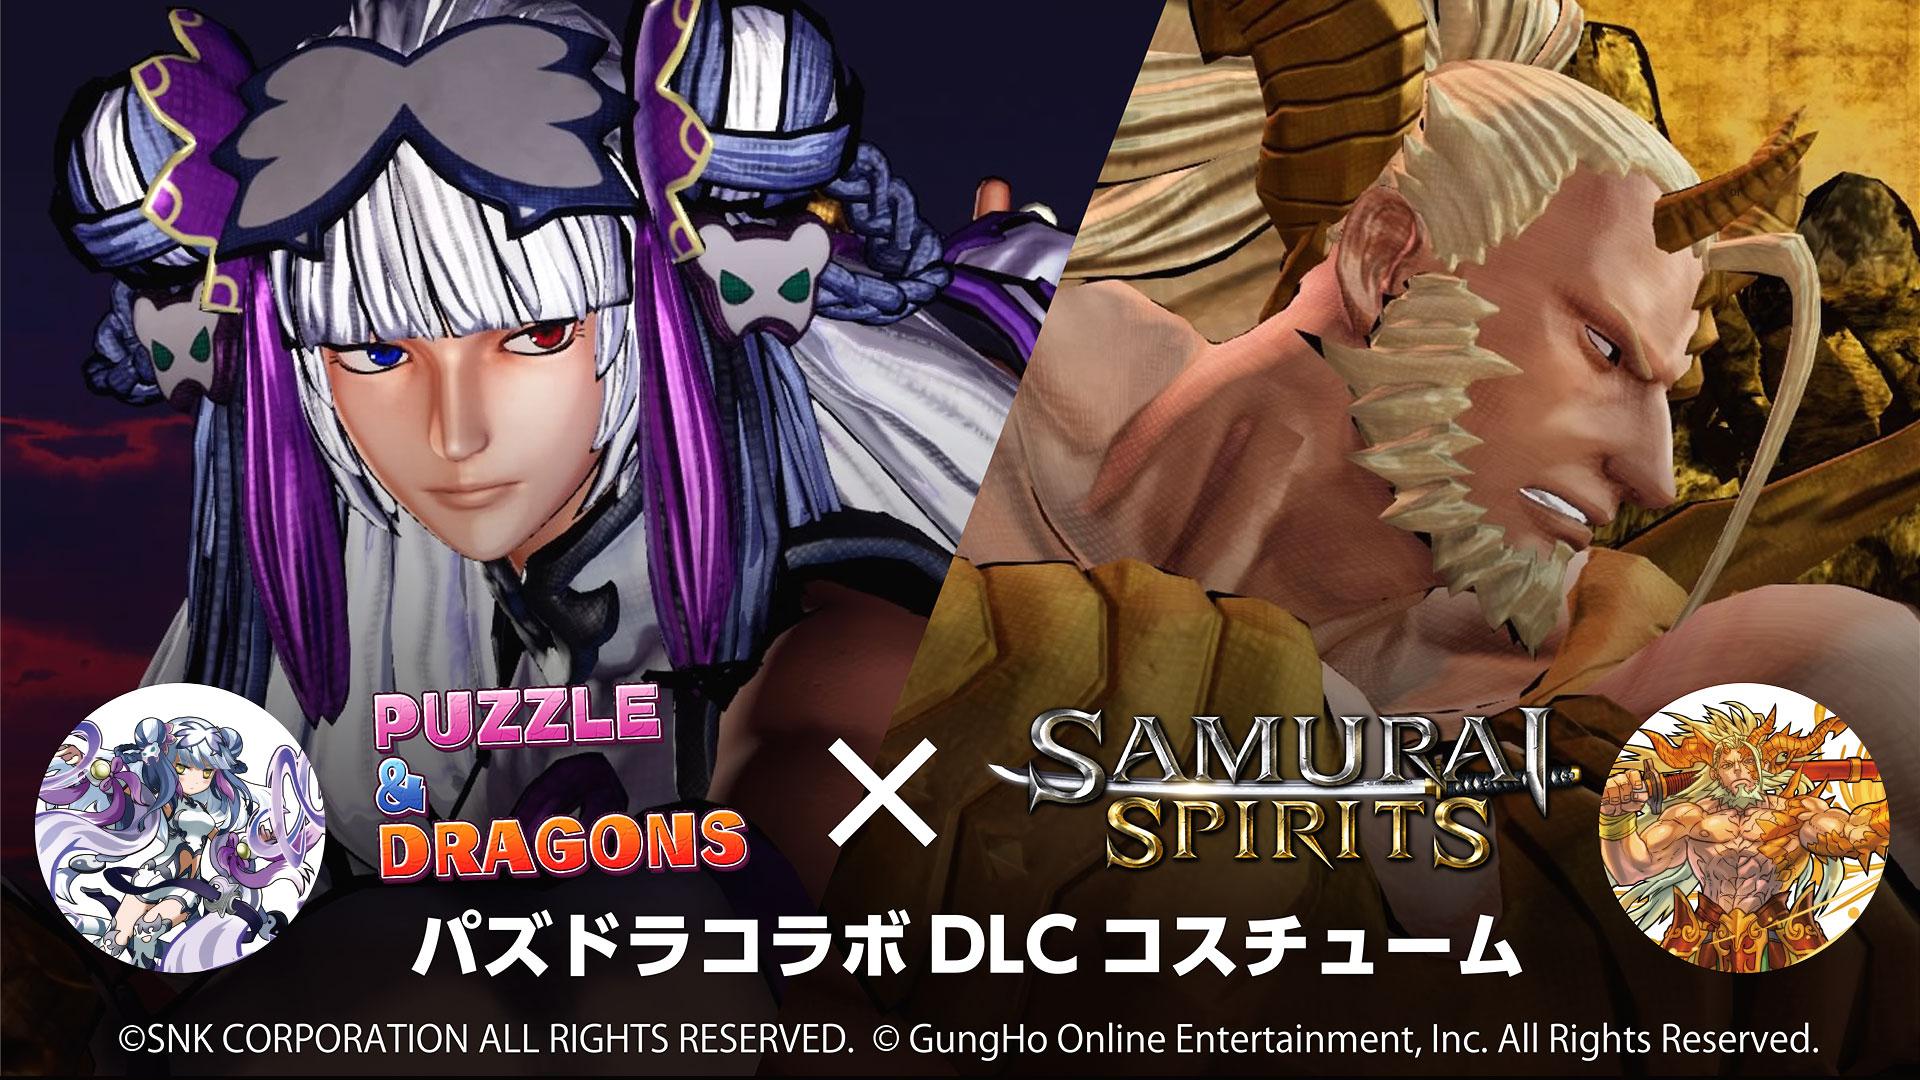 PUZZLE & DRAGONS × SAMURAI SPIRITS